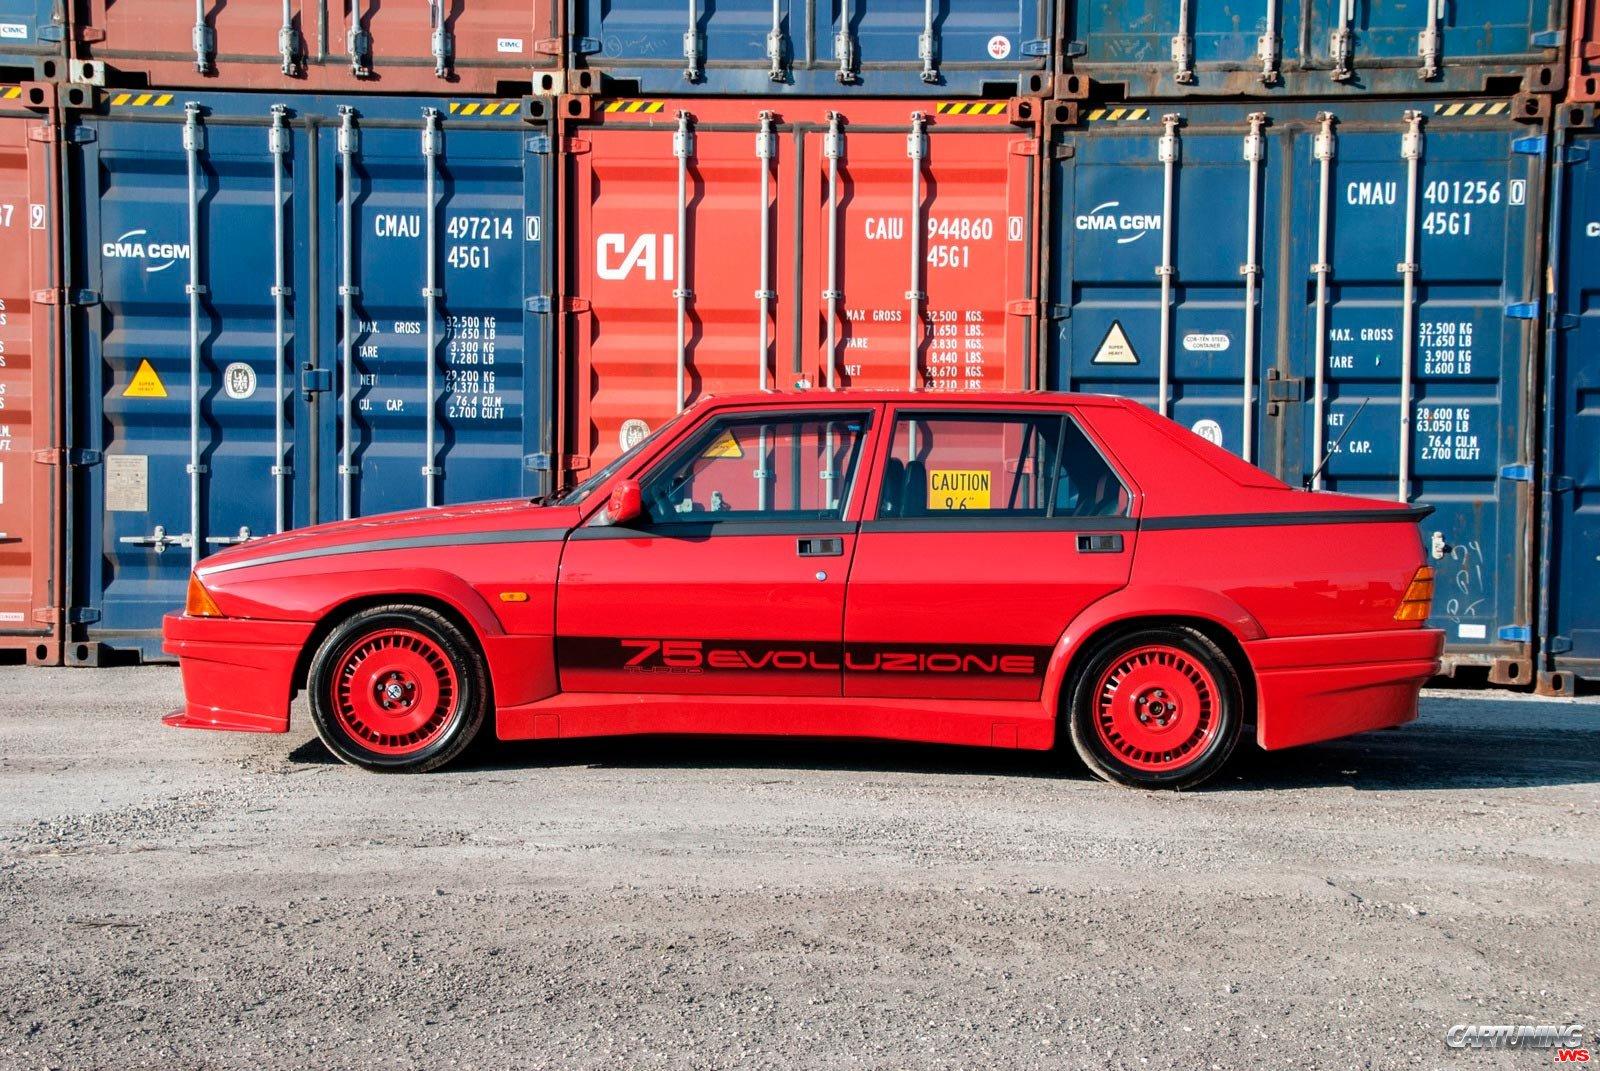 Alfa Romeo 75 Turbo Evoluzione Side